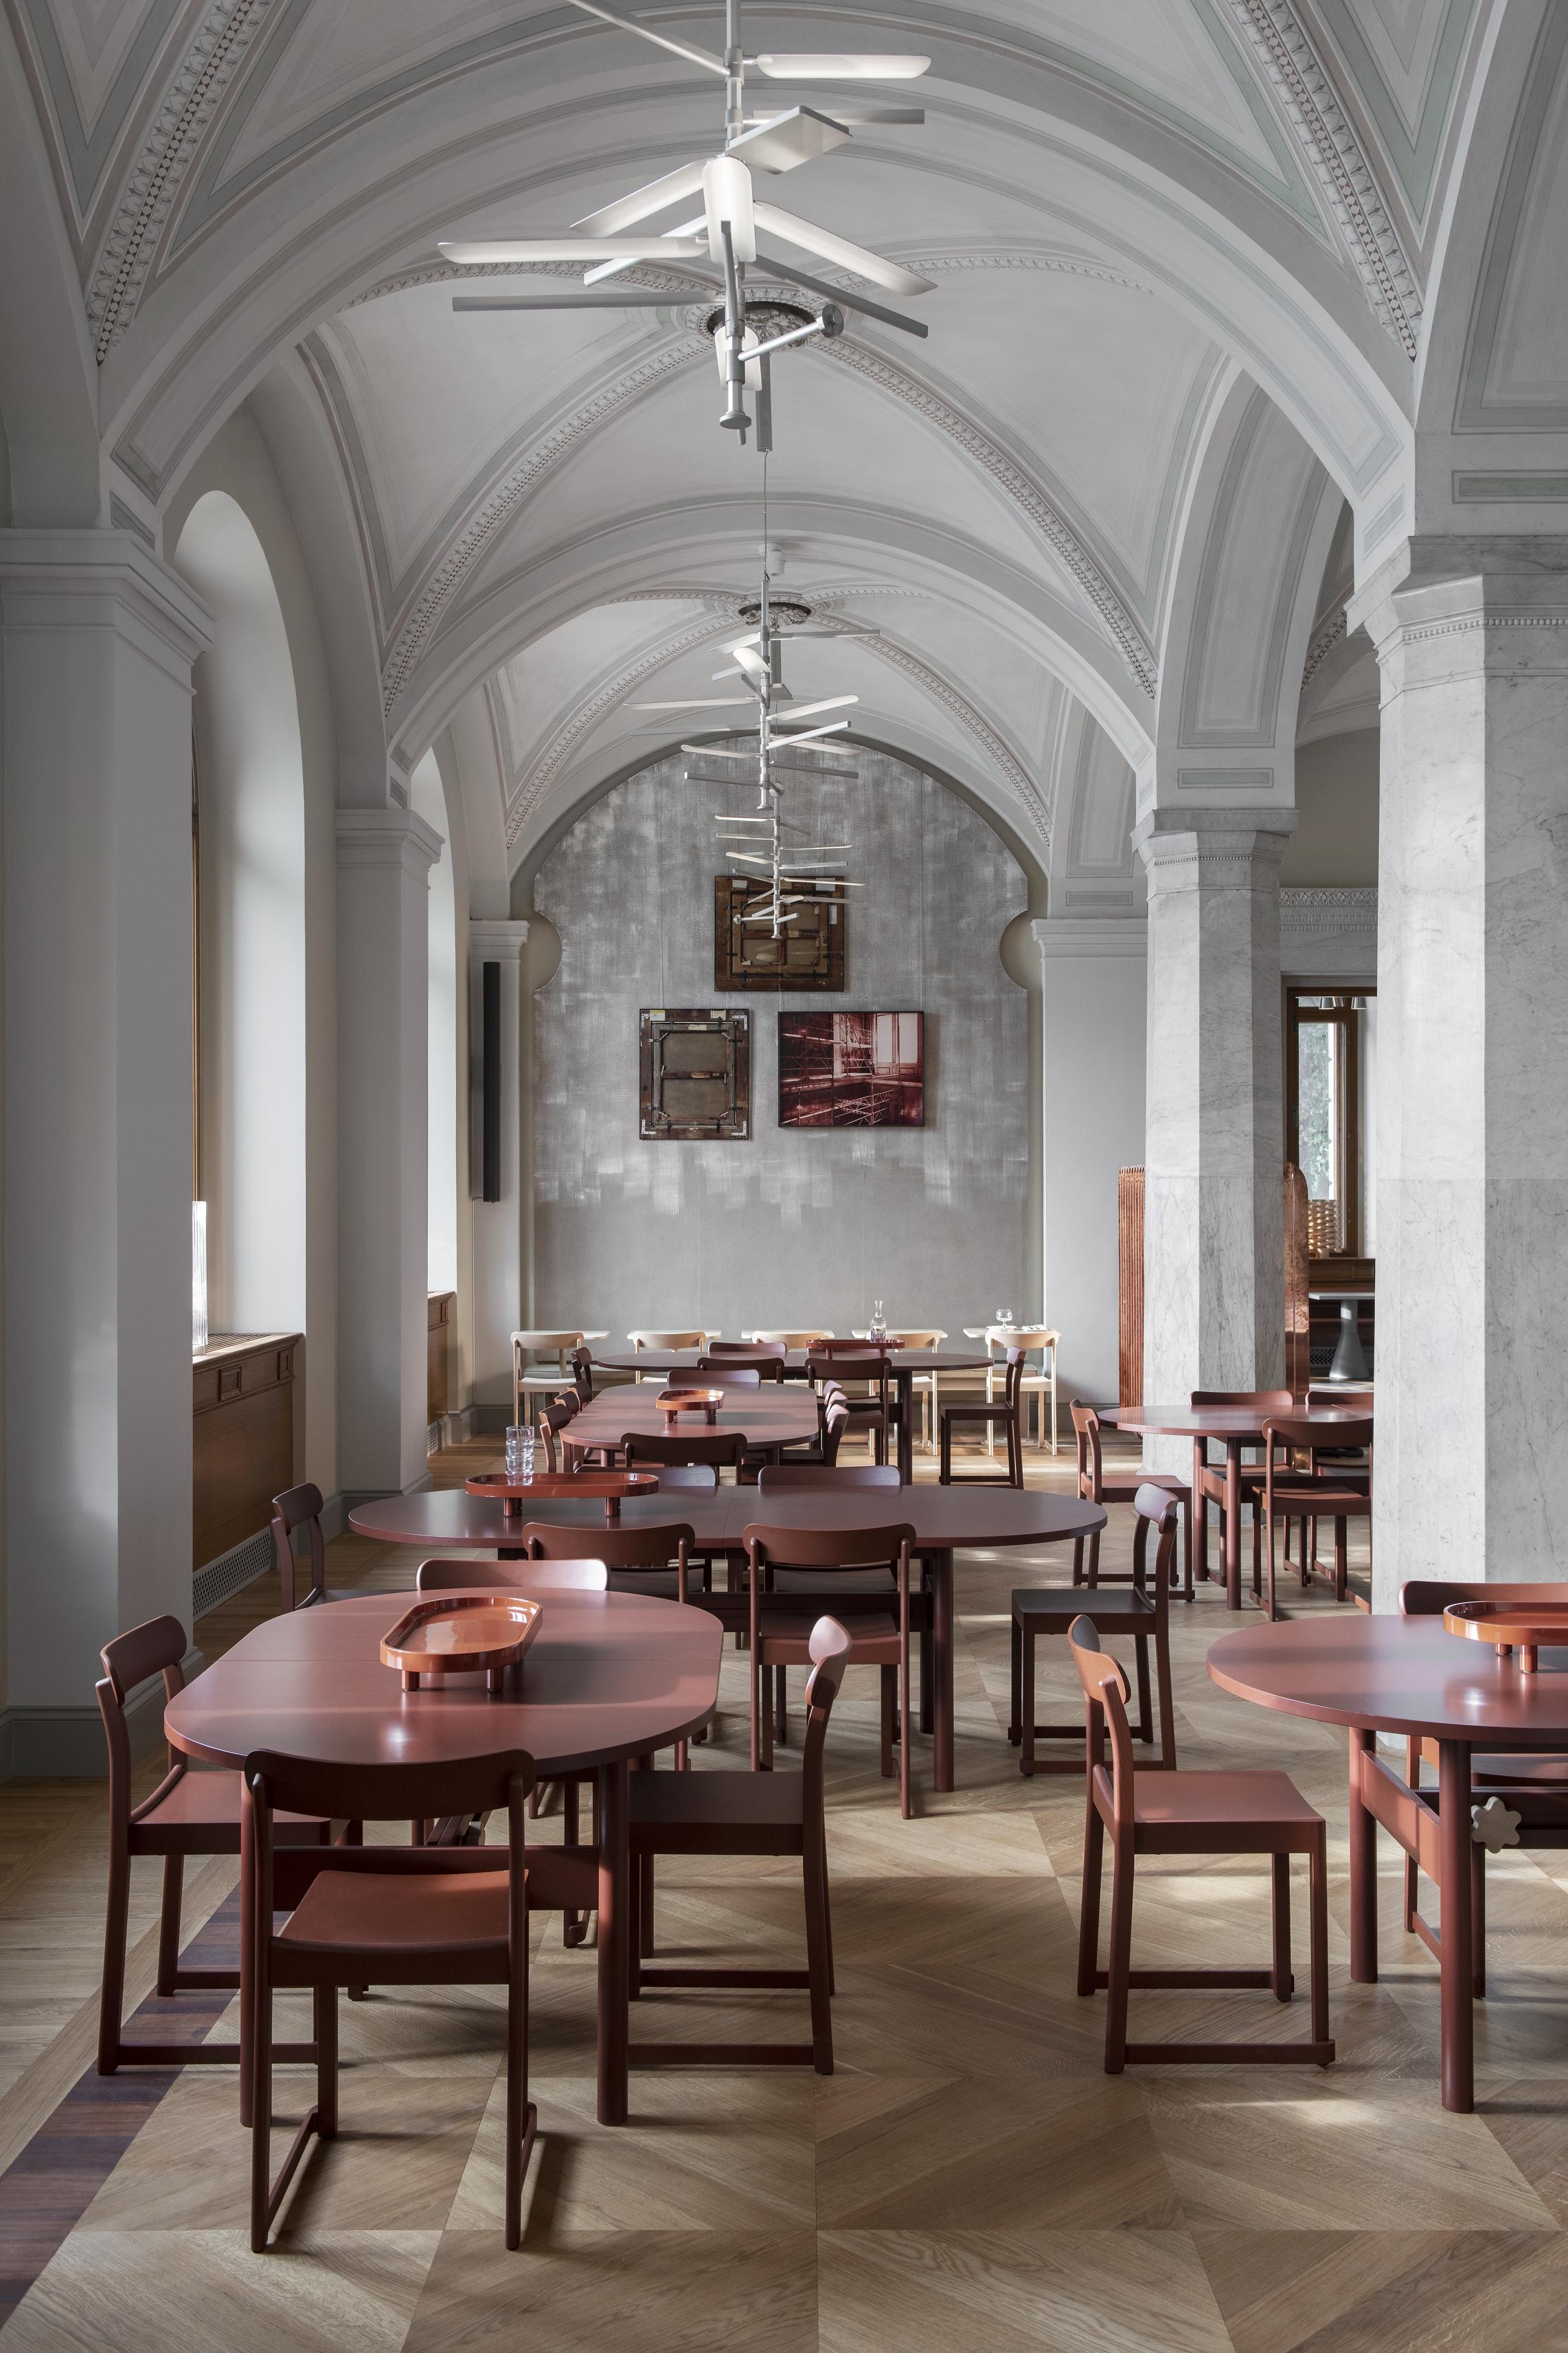 Artek_Atelier-Chair_Nationalmuseum_1Restaurant_Photo_Erik_Lefvander.jpg